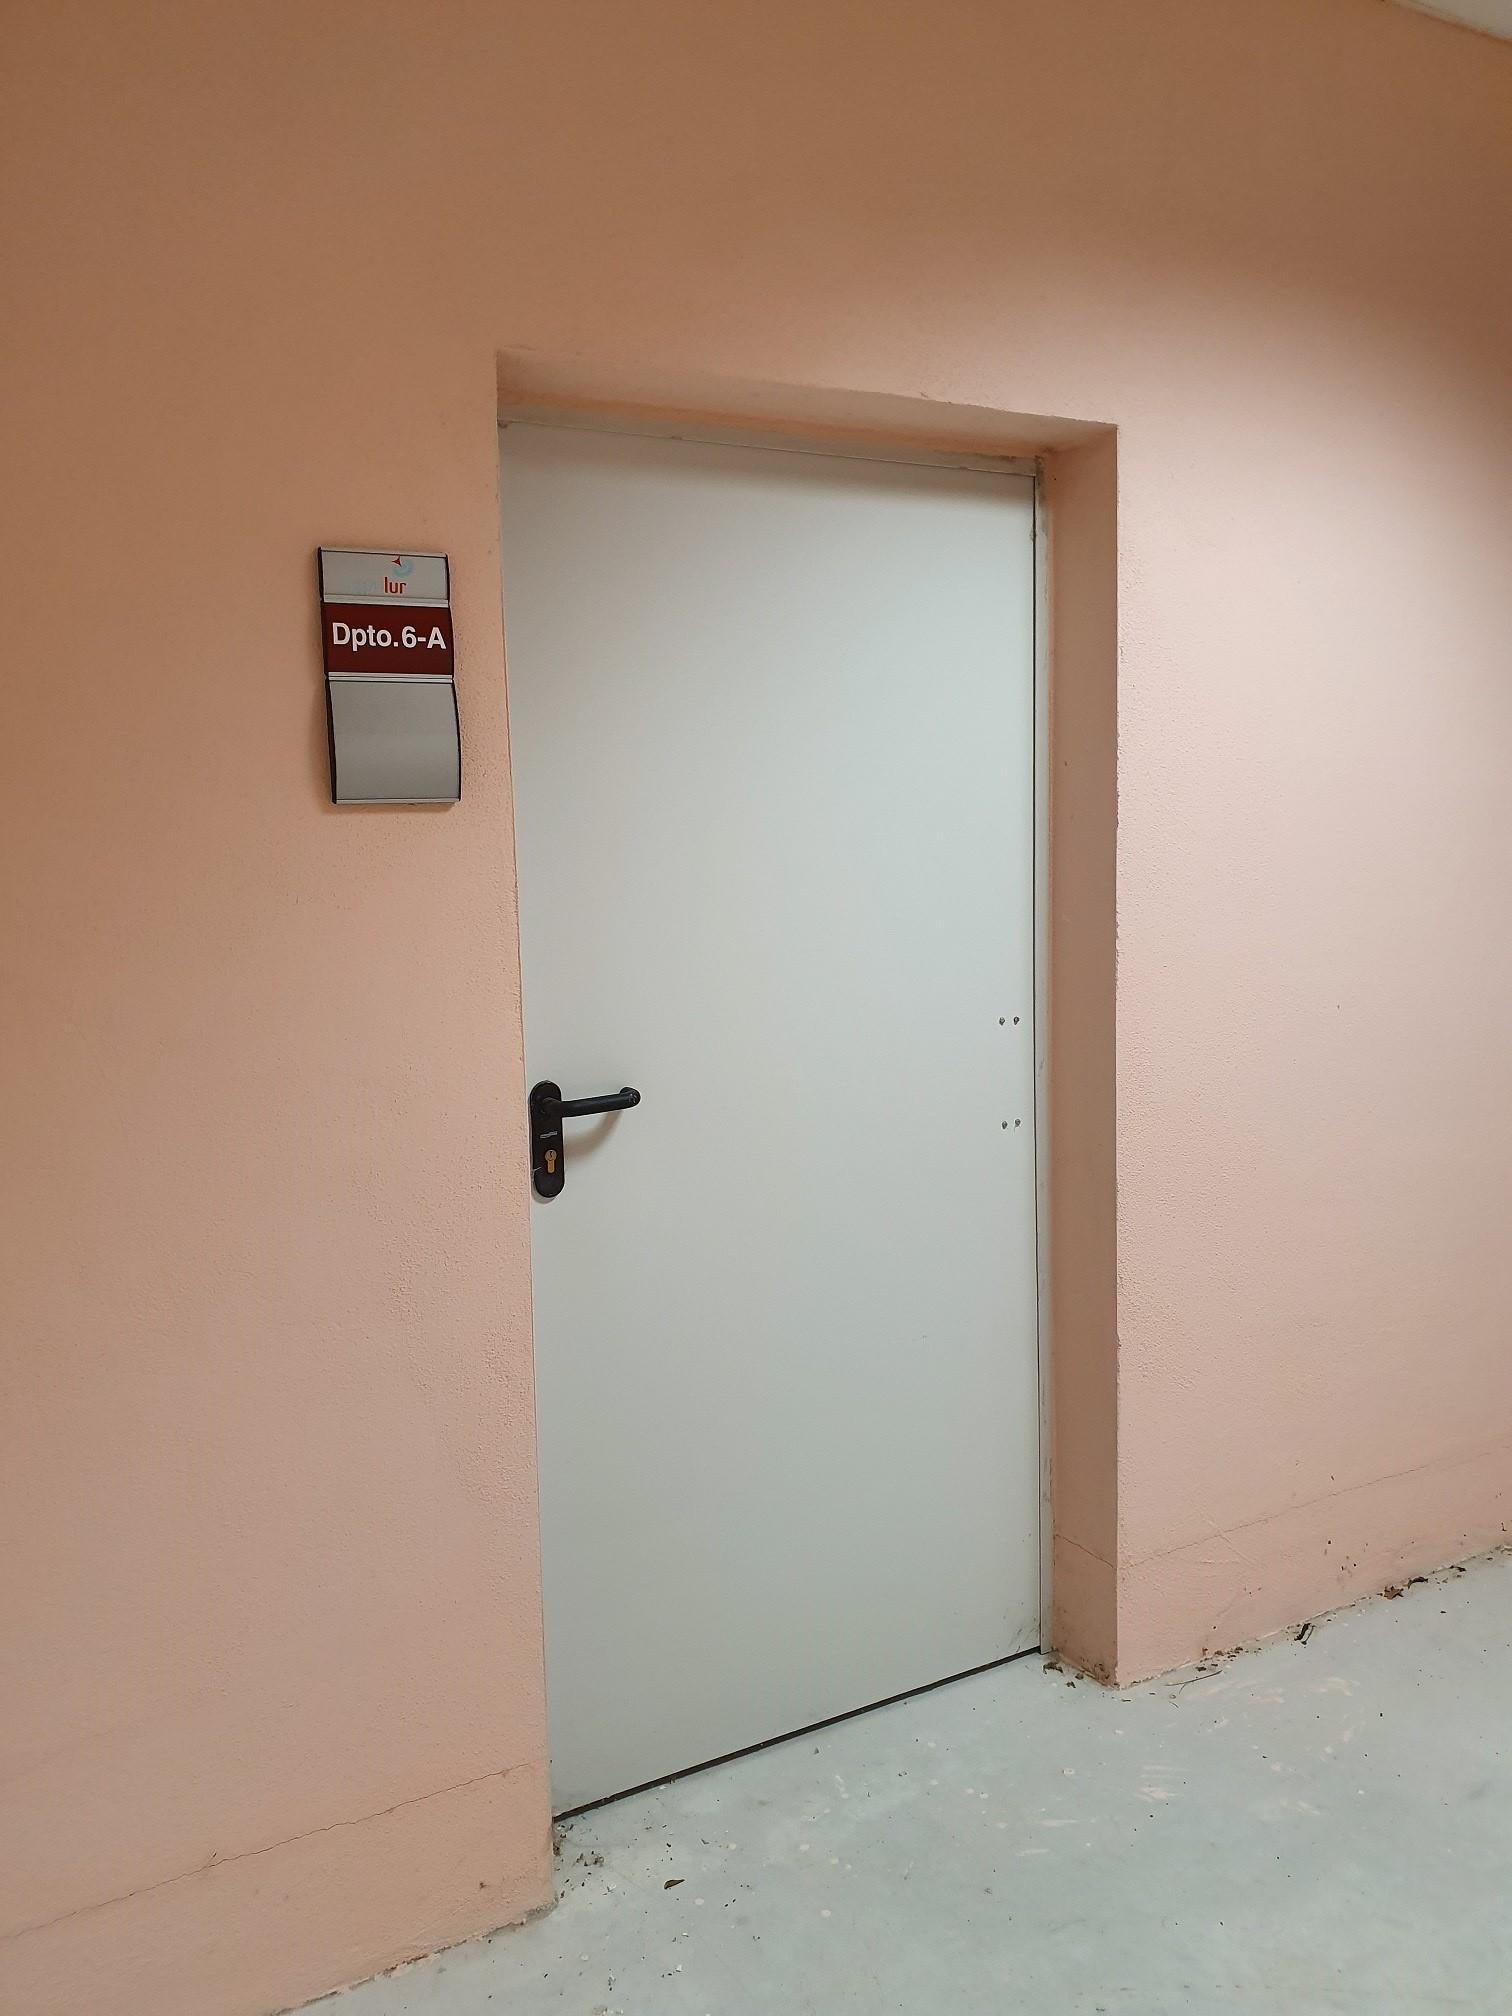 Imagen de Edificio C 34-2/6A, Polígono Industrial Matsaria – Eibar (Gipuzkoa)